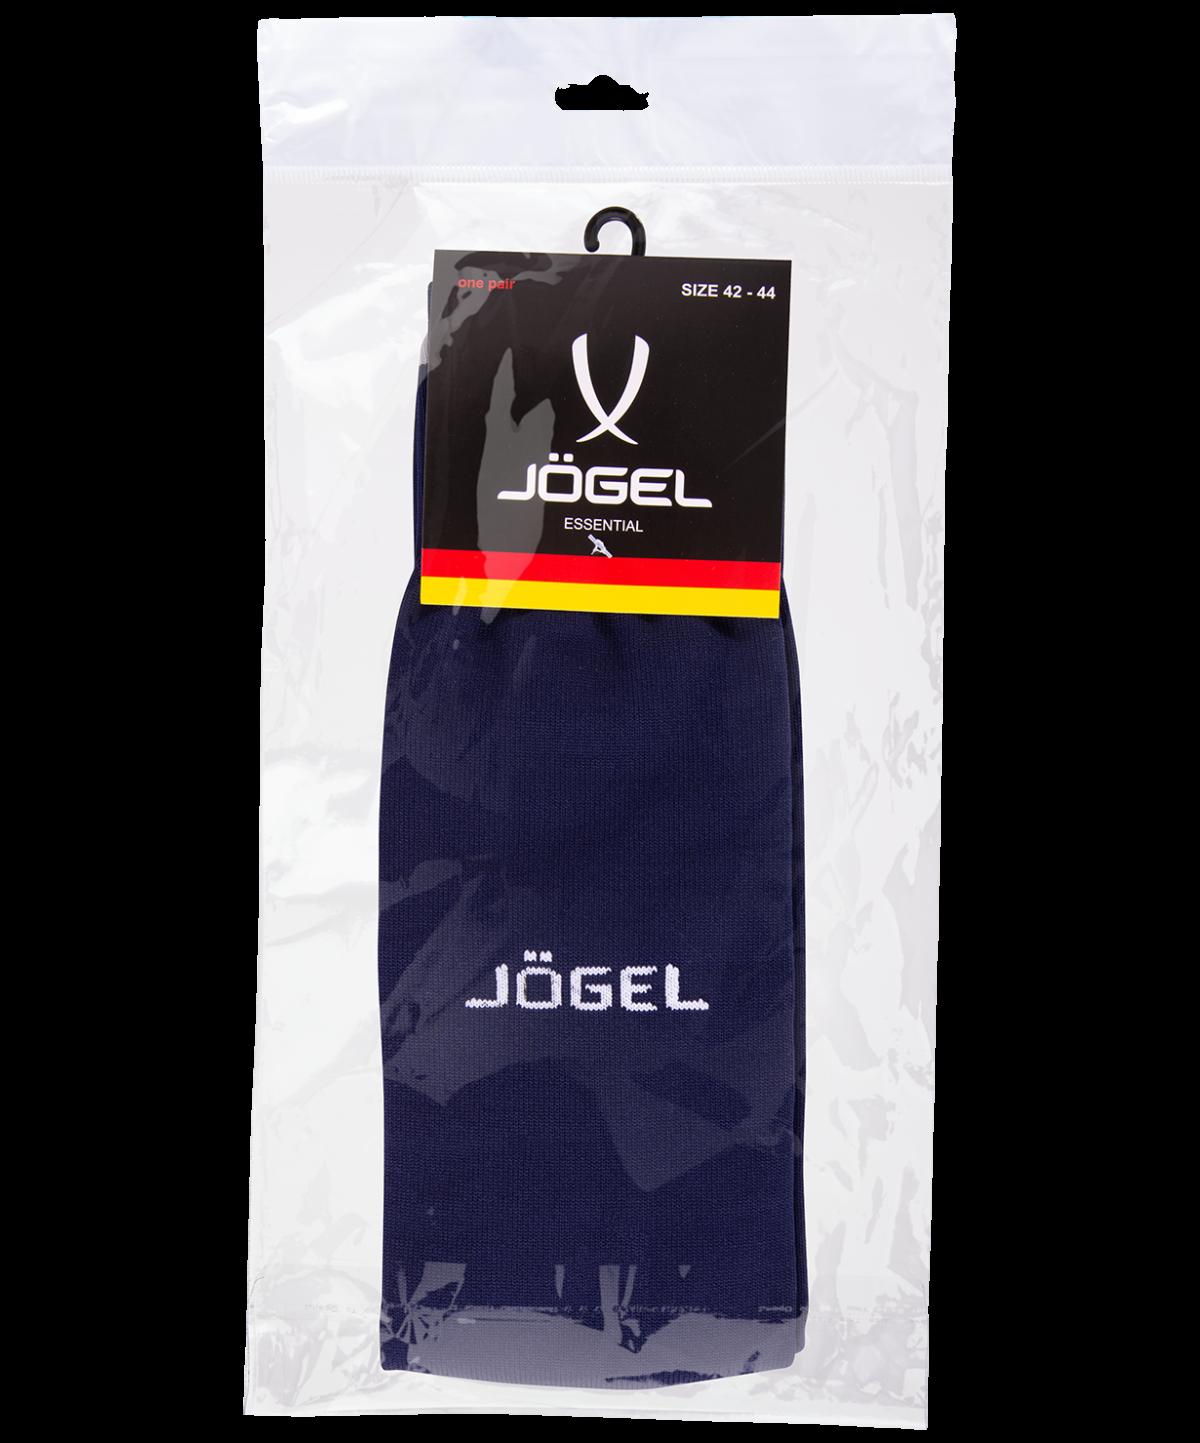 JOGEL Гетры футбольные Essentiаl,  темно-синий/серый  JA-006 - 4